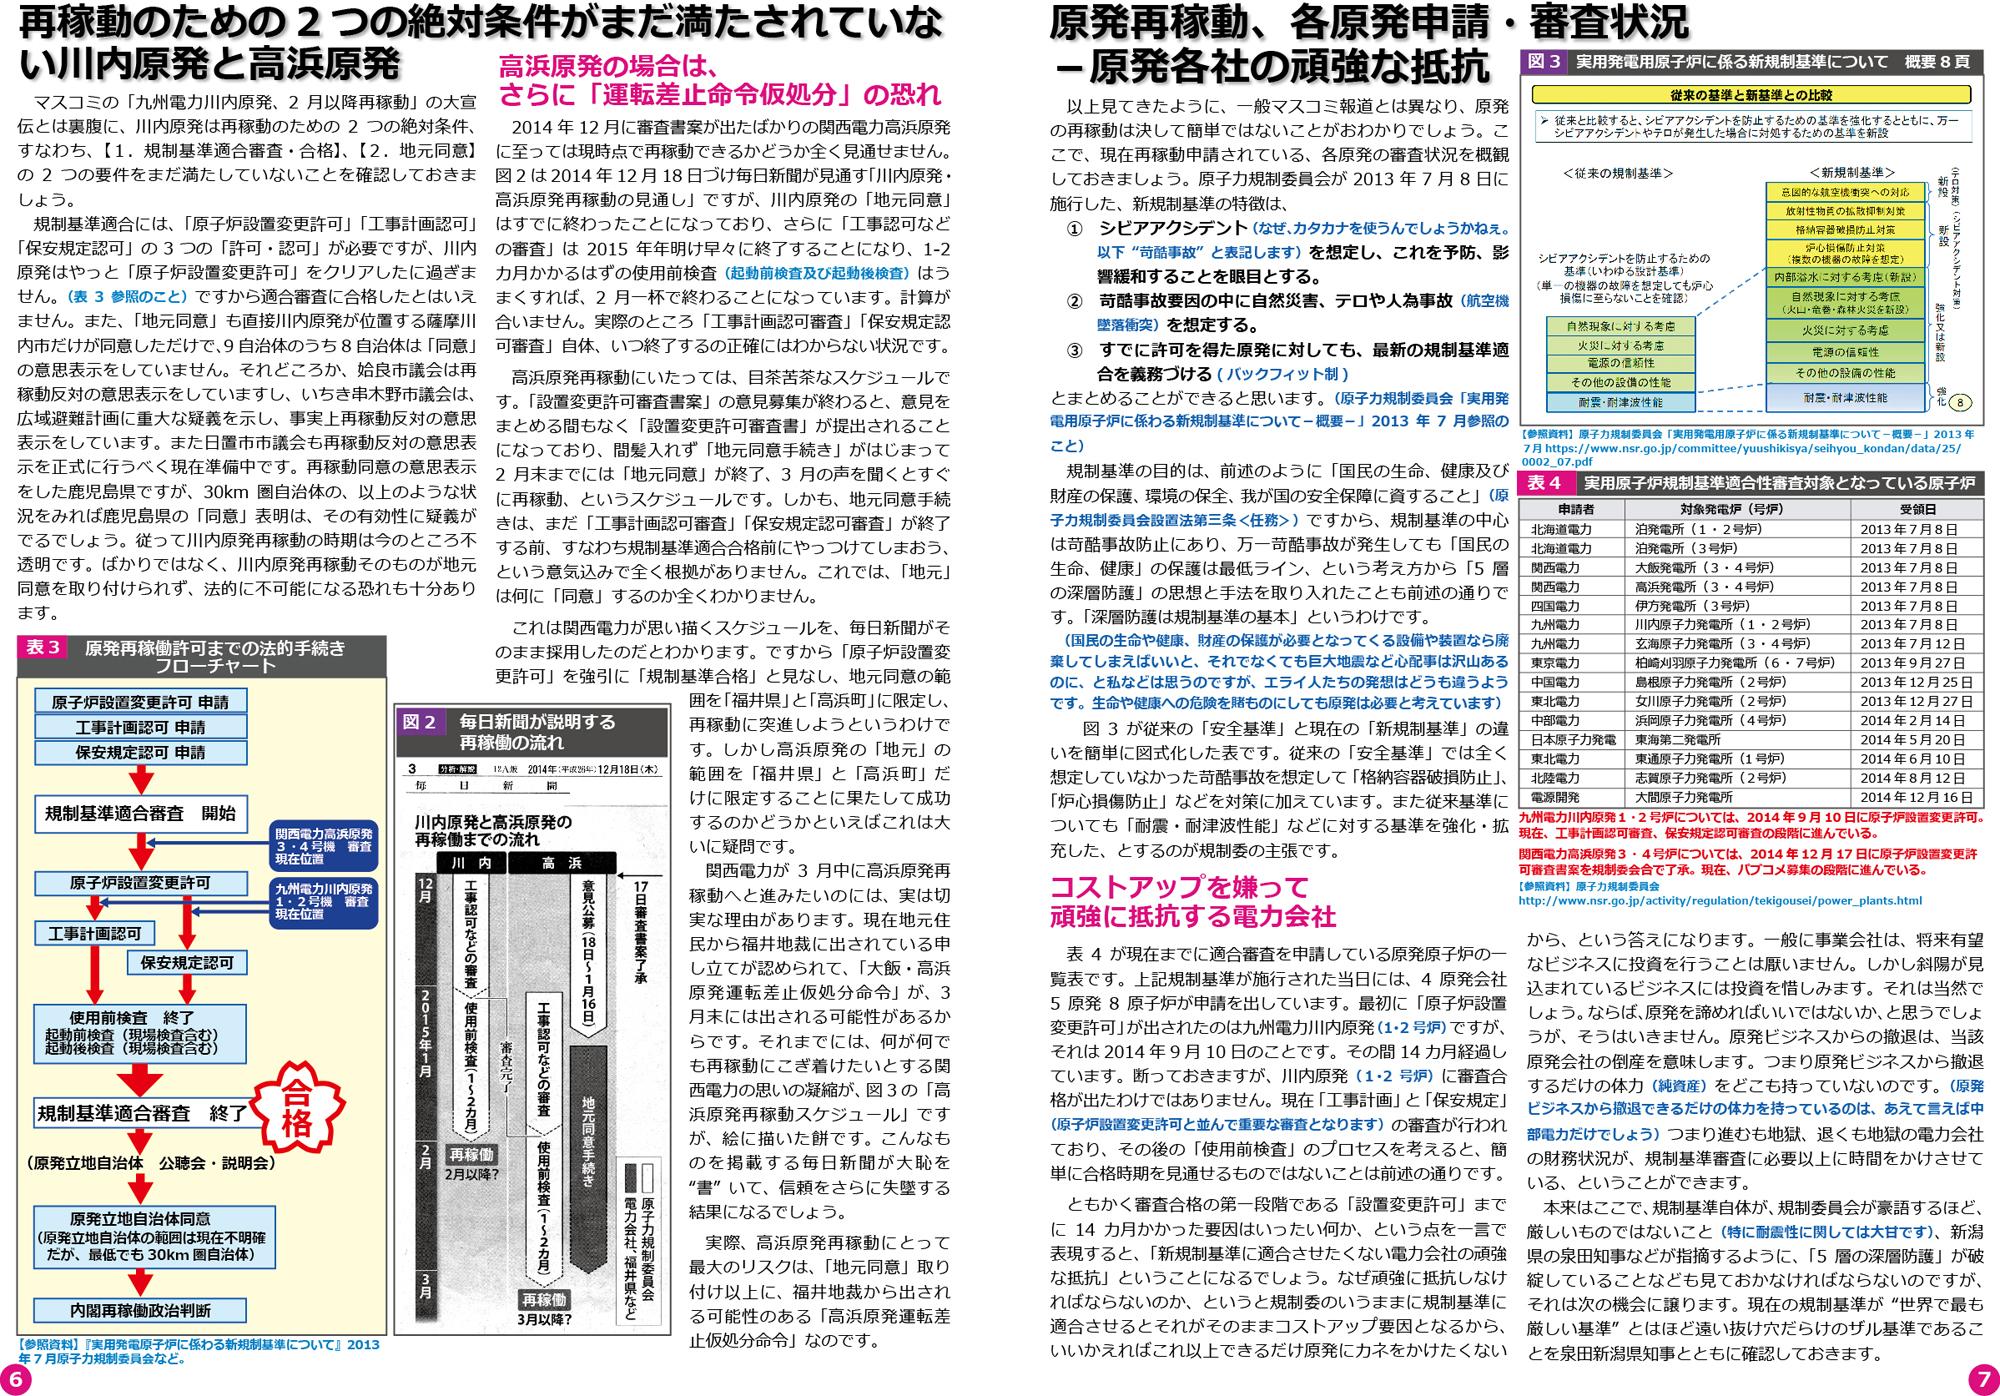 ファイル 96-4.jpg